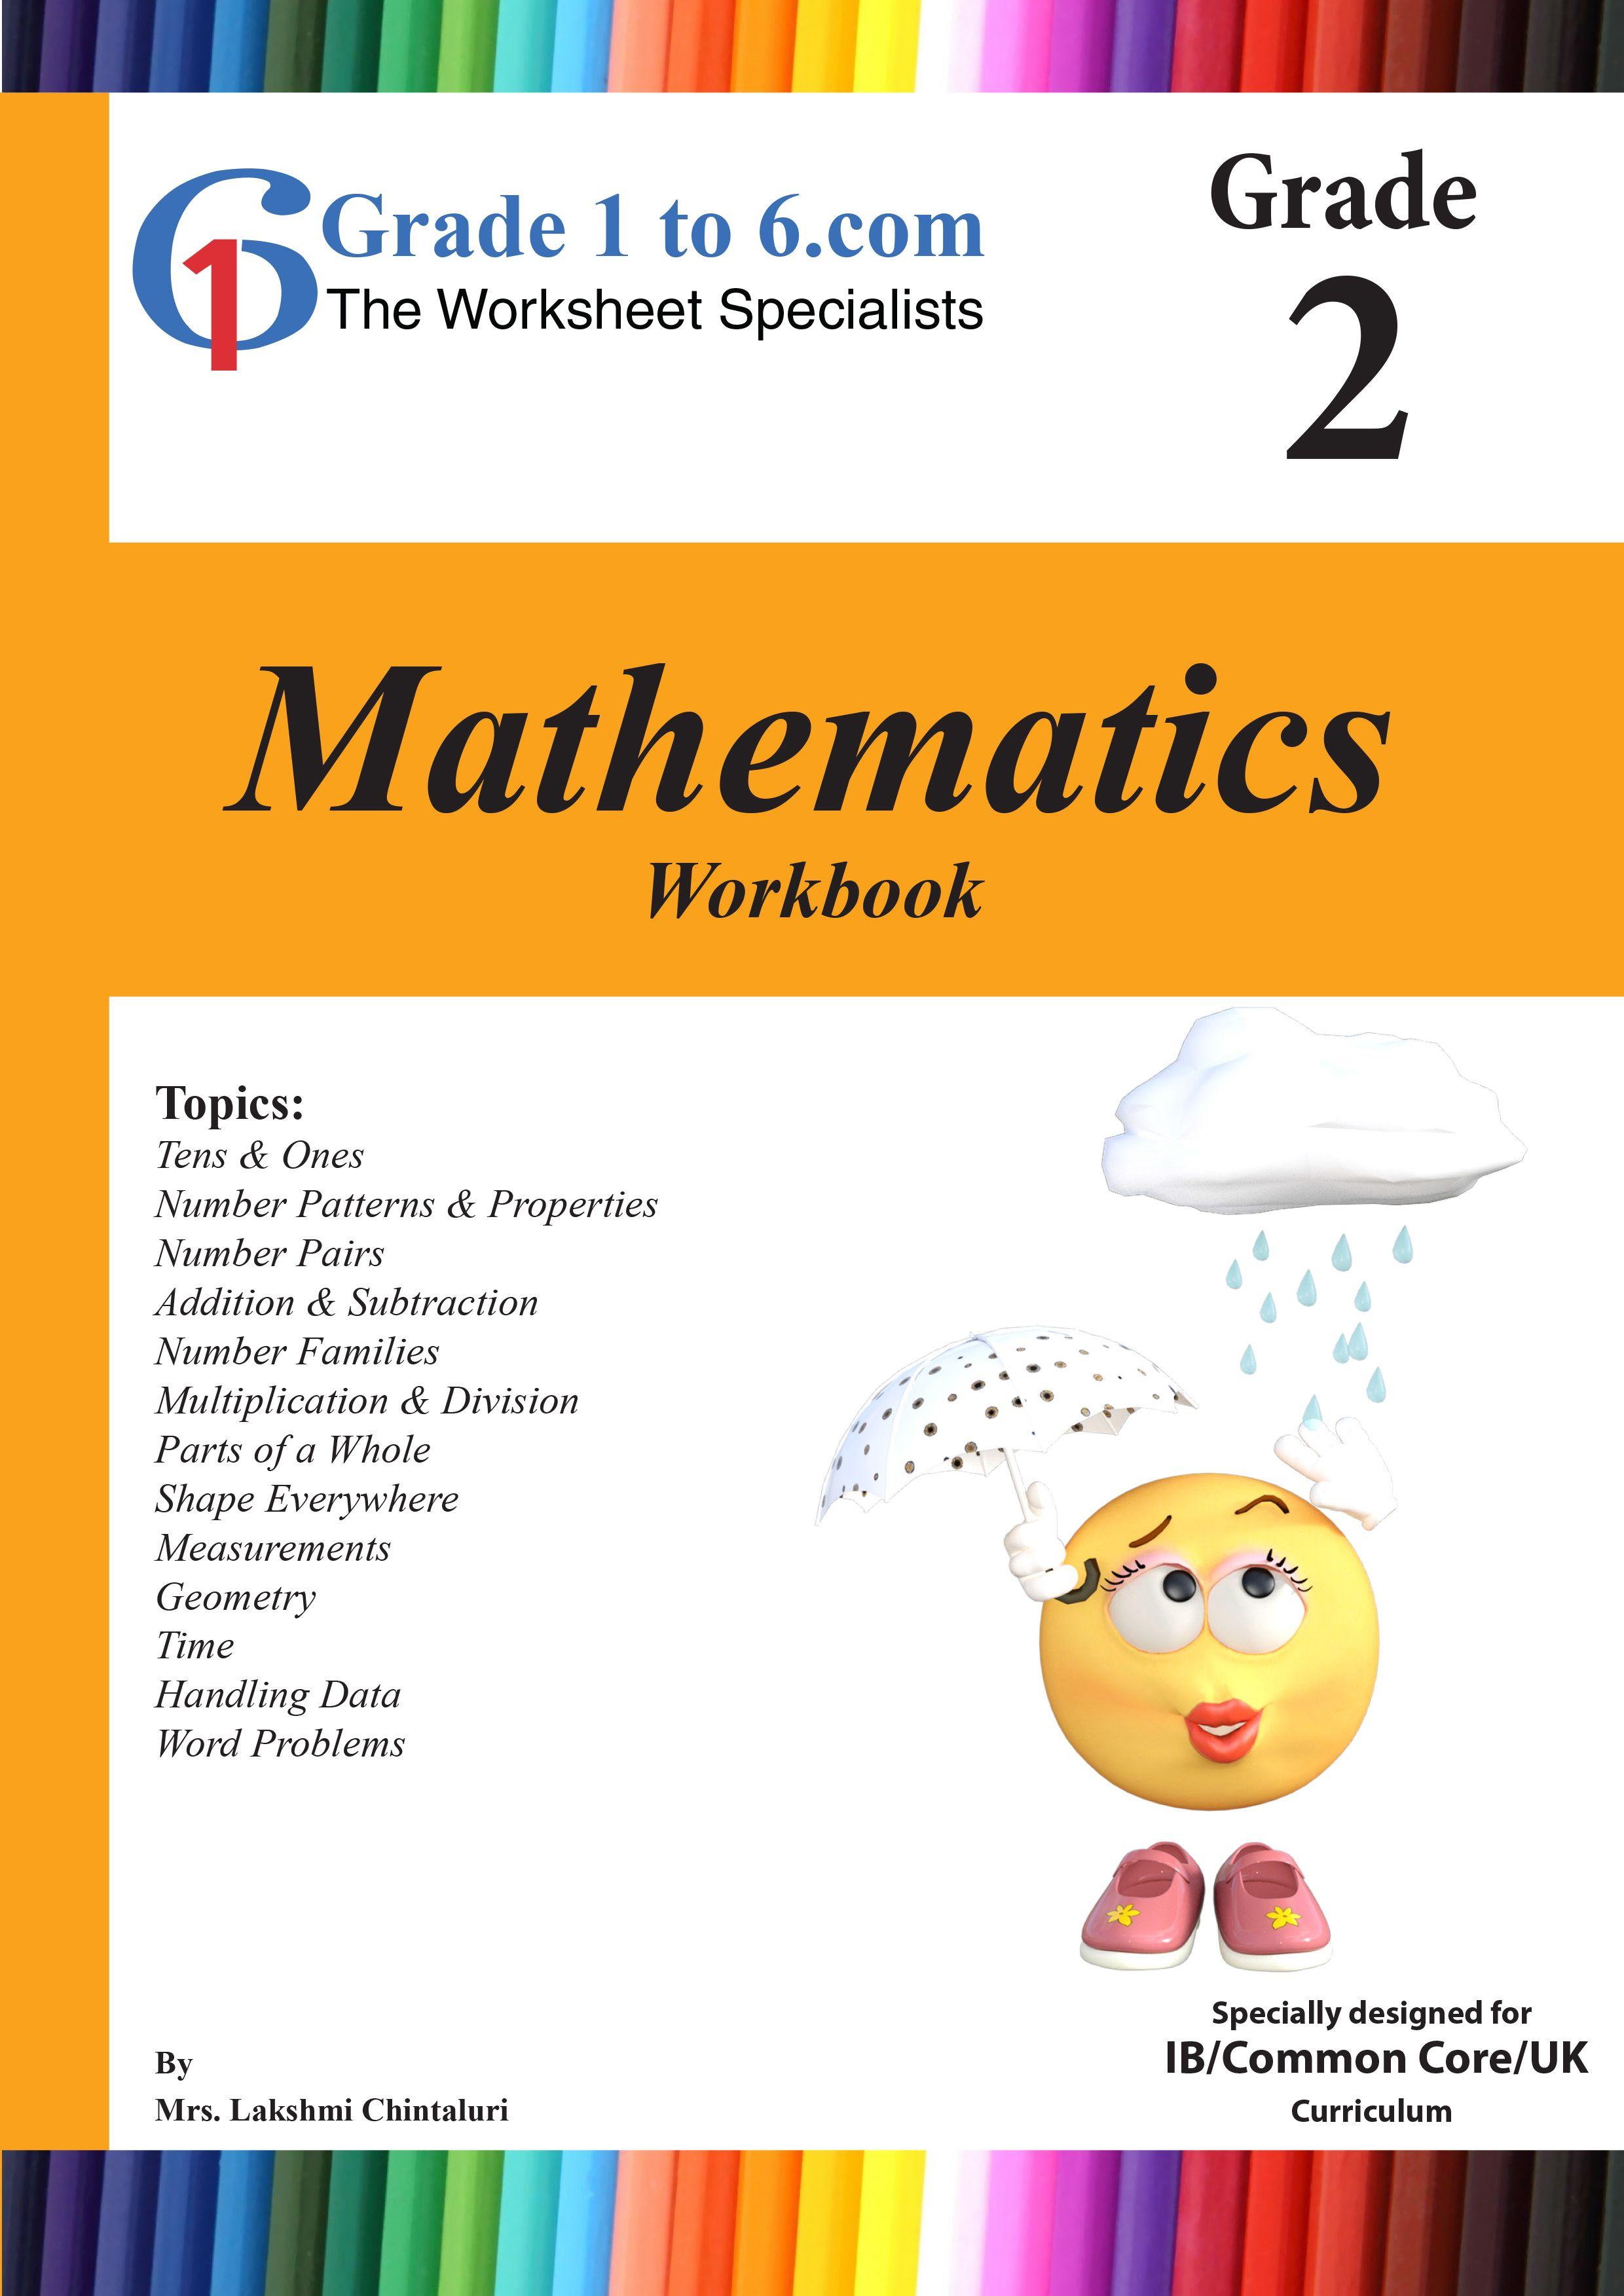 Grade 2 Maths Workbook from www.Grade1to6.com Books   Pinterest ...